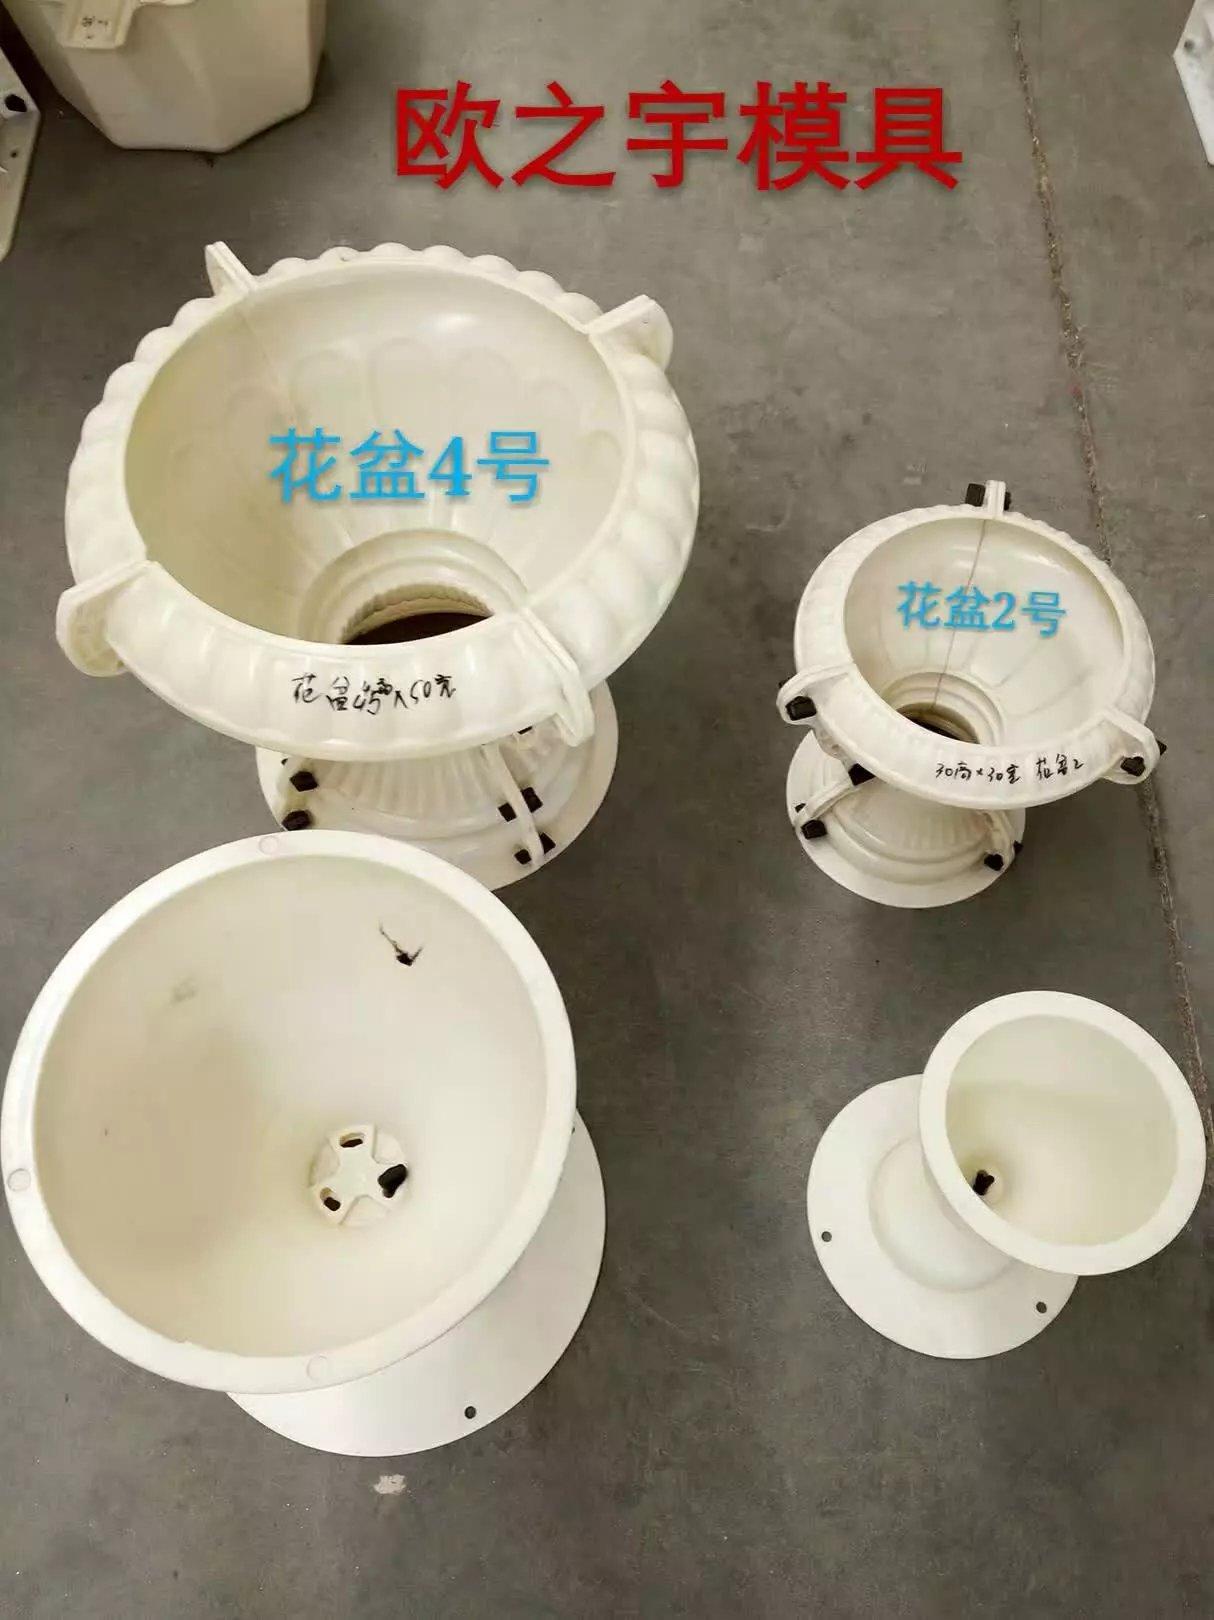 各种样式的花盆模具